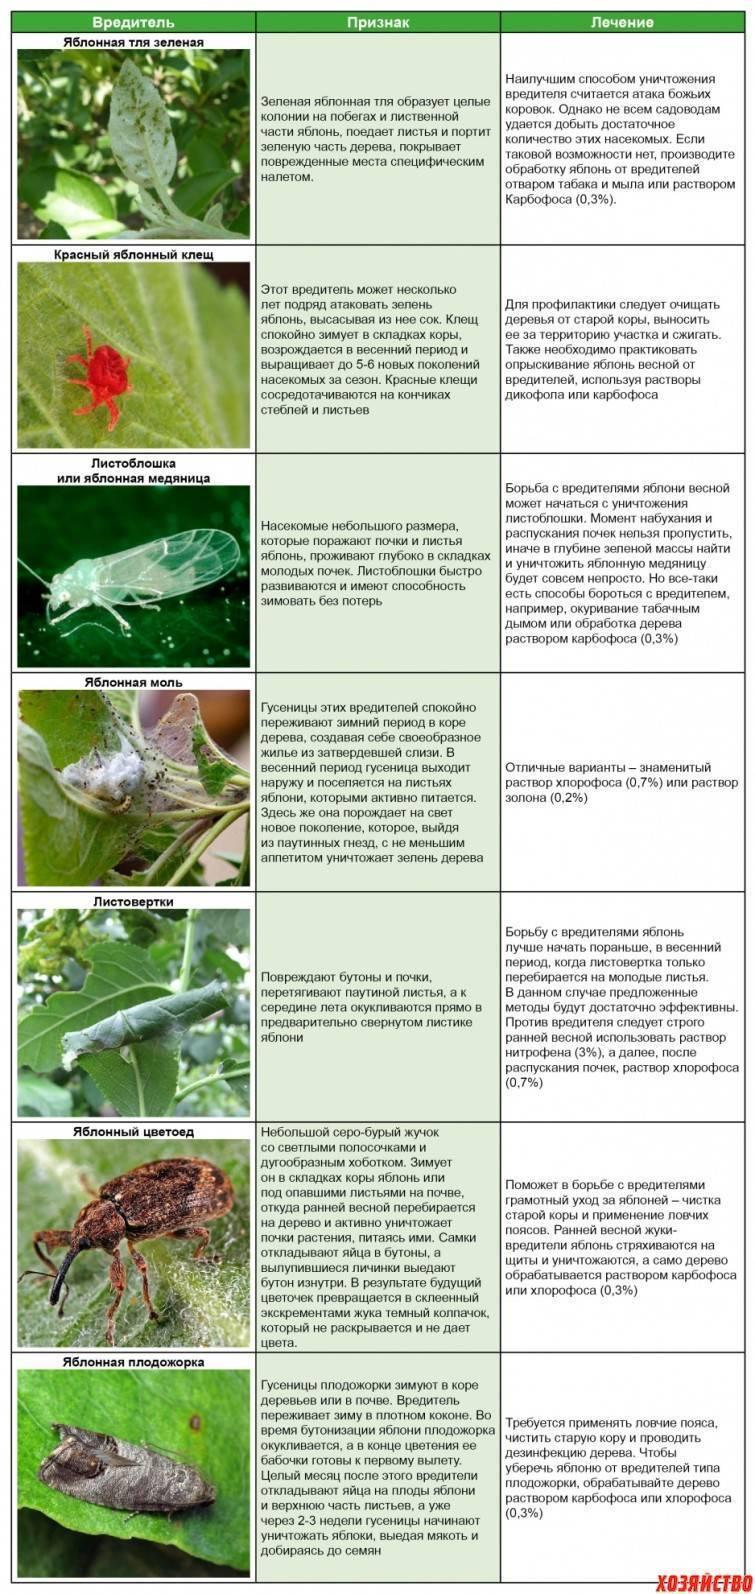 Методыборьбы с тлей на плодовых деревьях: средства и препараты